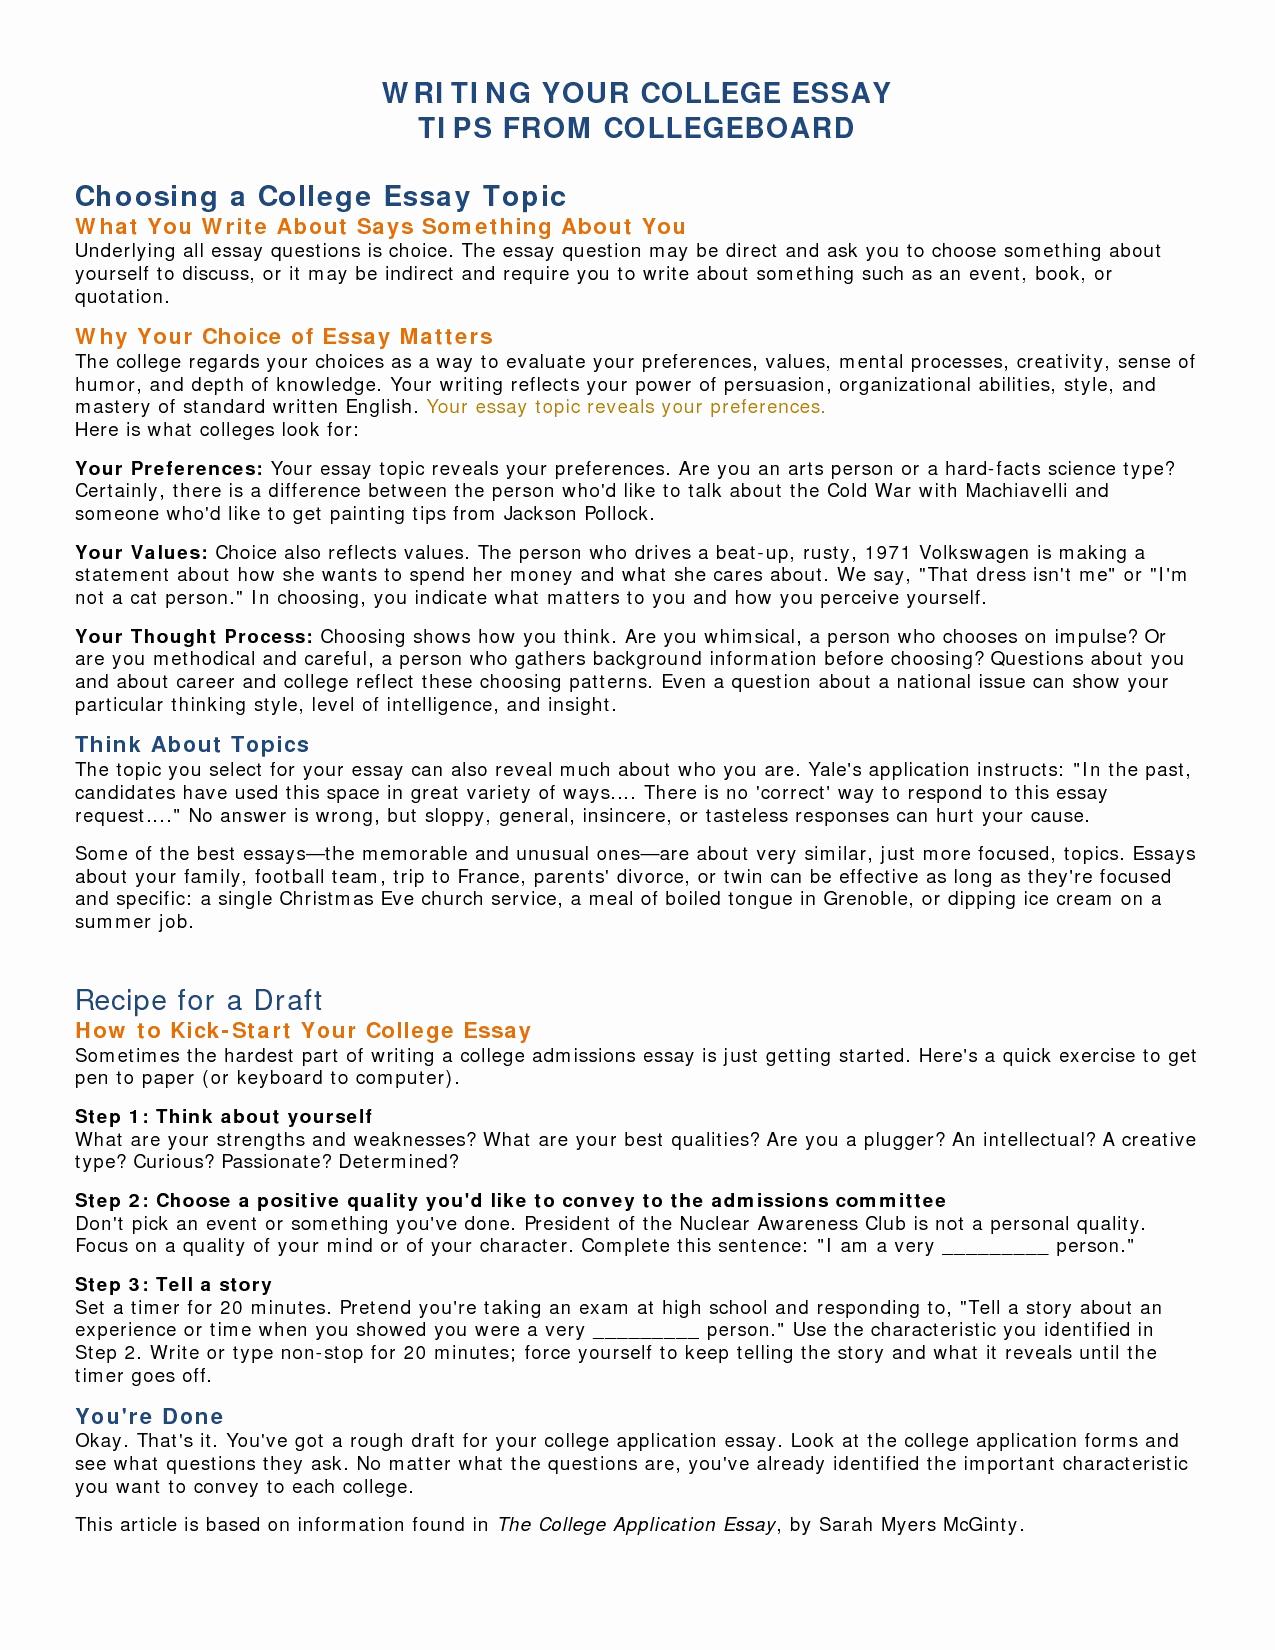 003 Cliche College Essays Essay Astounding To Avoid Non Topics Full